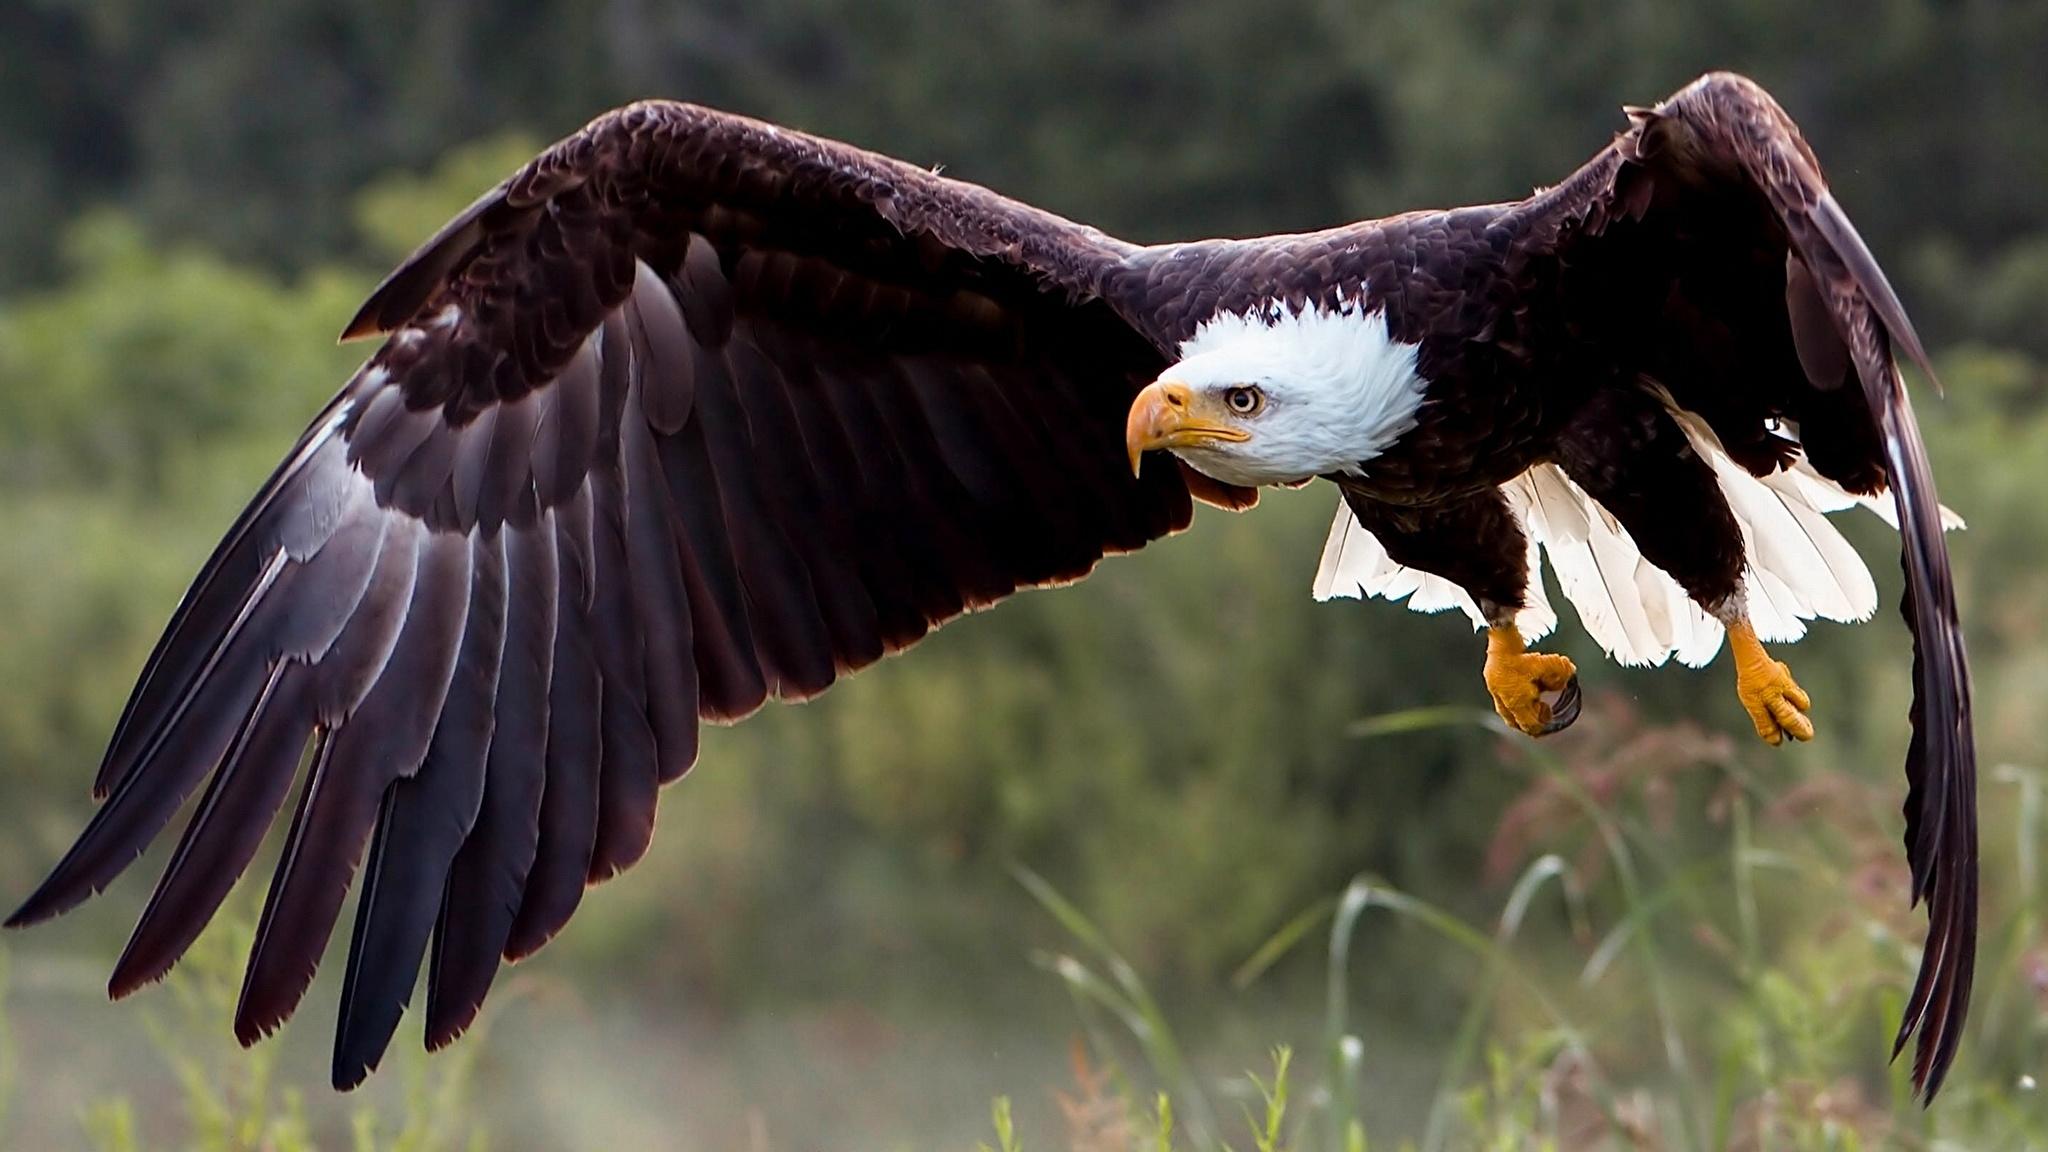 природа животные птицы белоплечий орлан в хорошем качестве